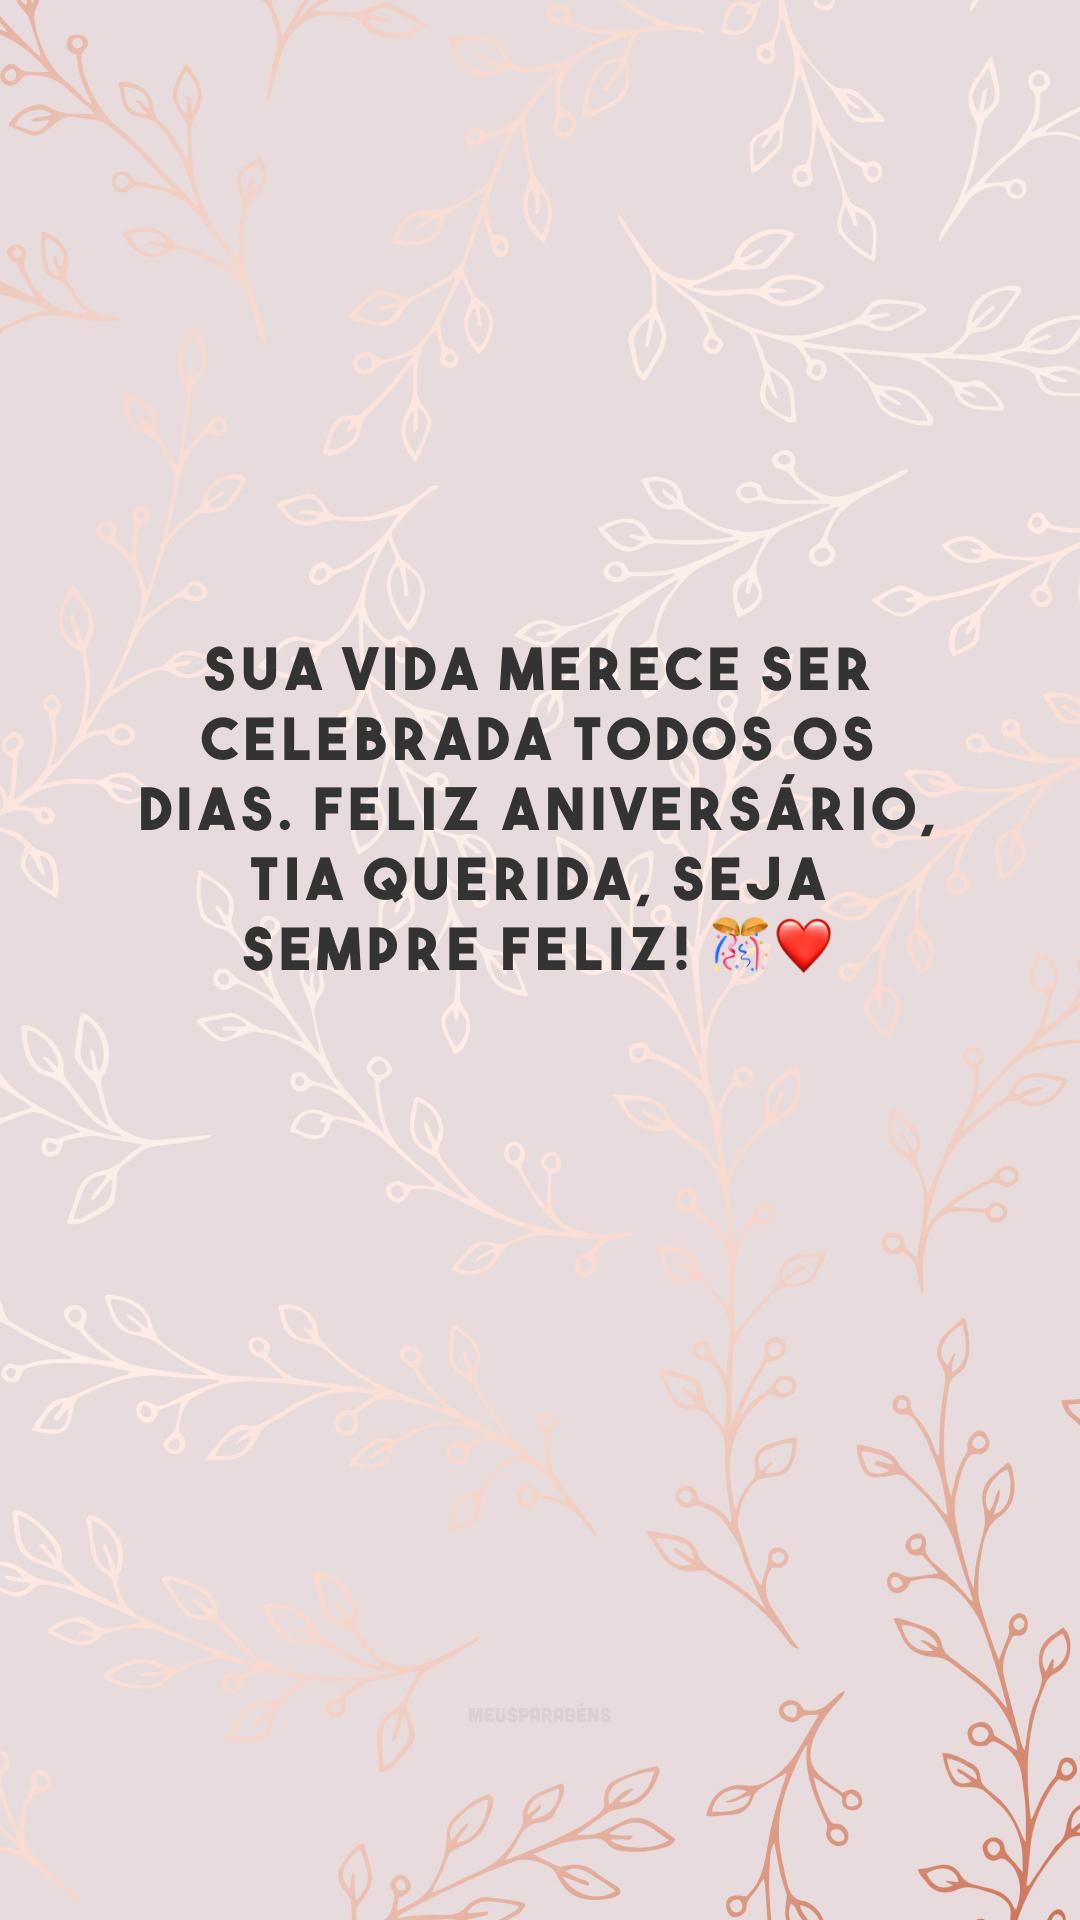 Sua vida merece ser celebrada todos os dias. Feliz aniversário, tia querida, seja sempre feliz! 🎊❤️